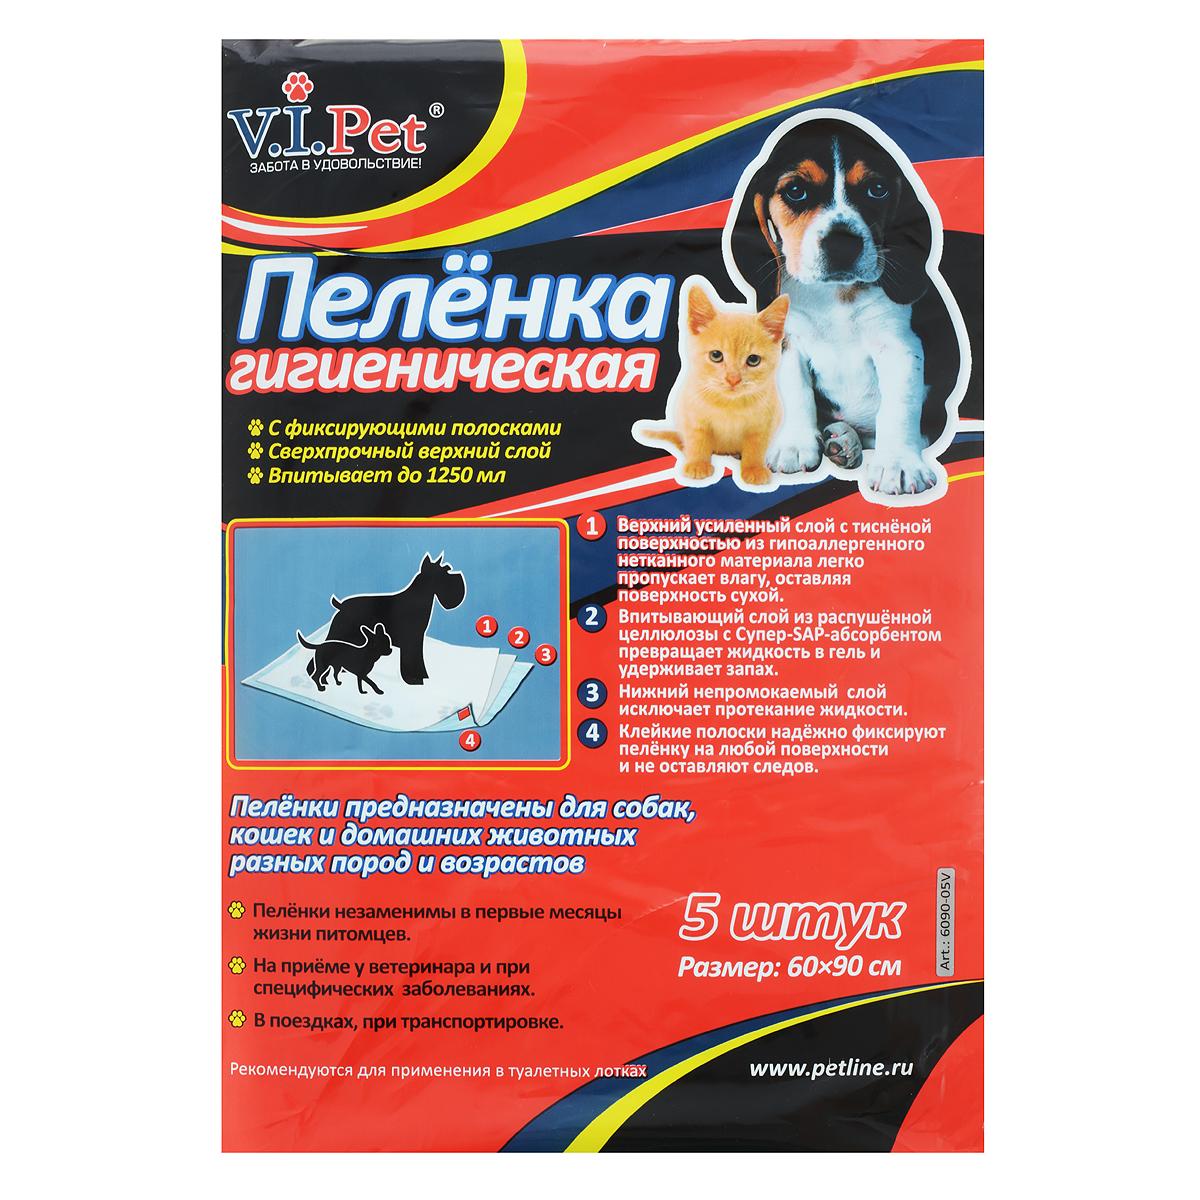 Пеленки гигиенические для животных V.I.Pet, 60 см х 90 см, 5 шт6090-05VВпитывающие гигиенические пеленки V.I.Pet предназначены для щенков и взрослых собак всех размеров, пород и возрастов. Пеленки имеют 3 слоя: - верхний усиленный слой с тисненной поверхностью из гипоаллергенного нетканного материала легко пропускает влагу, оставляя поверхность сухой; -впитывающий слой из распушенной целлюлозы превращает жидкость в гель и удерживает запах; - нижний непромокаемый слой исключает протекание жидкости.Пеленки незаменимы в первые месяцы жизни щенков, при специфических заболеваниях, поездках, выставках и на приеме у ветеринара. Пеленки обеспечивают комфорт и спокойствие вам и вашему питомцу. Комплектация: 5 шт. Размер пеленки: 60 см х 90 см. Товар сертифицирован.